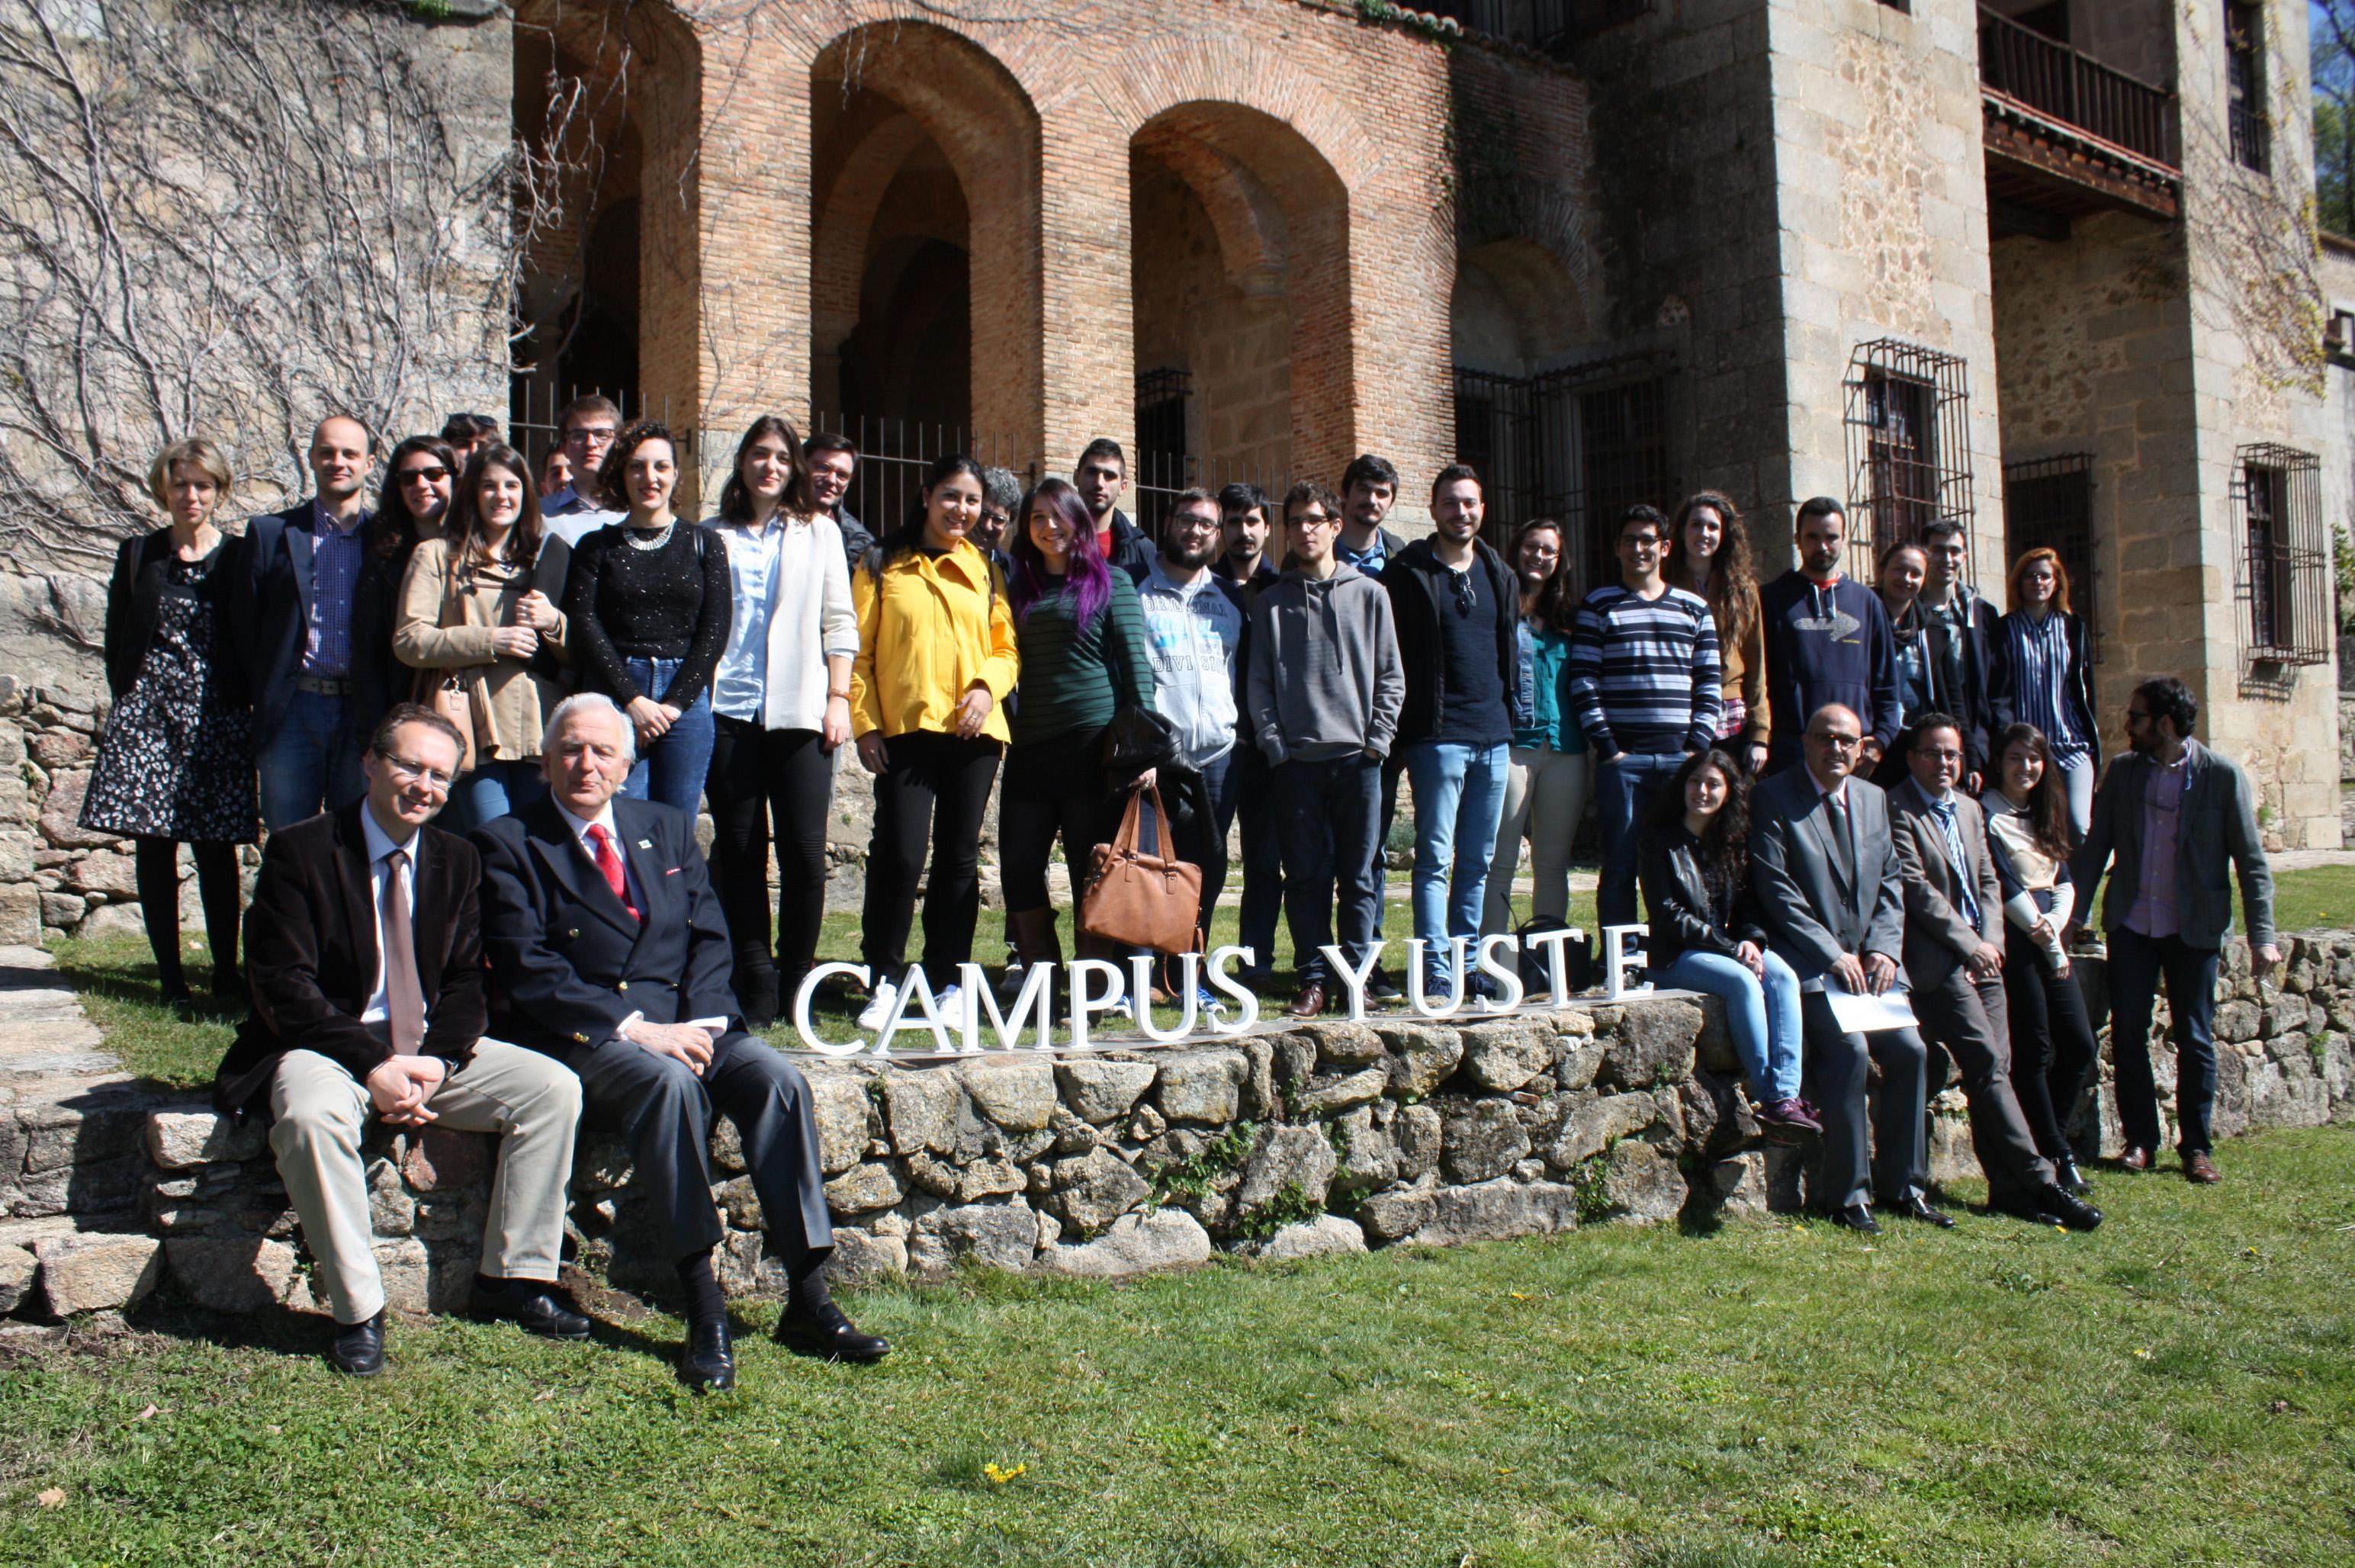 La Fundación inaugura Campus Yuste con un encuentro sobre la cultura y los medios de comunicación durante la Transición de España hacia la democracia y su proyección a Europa